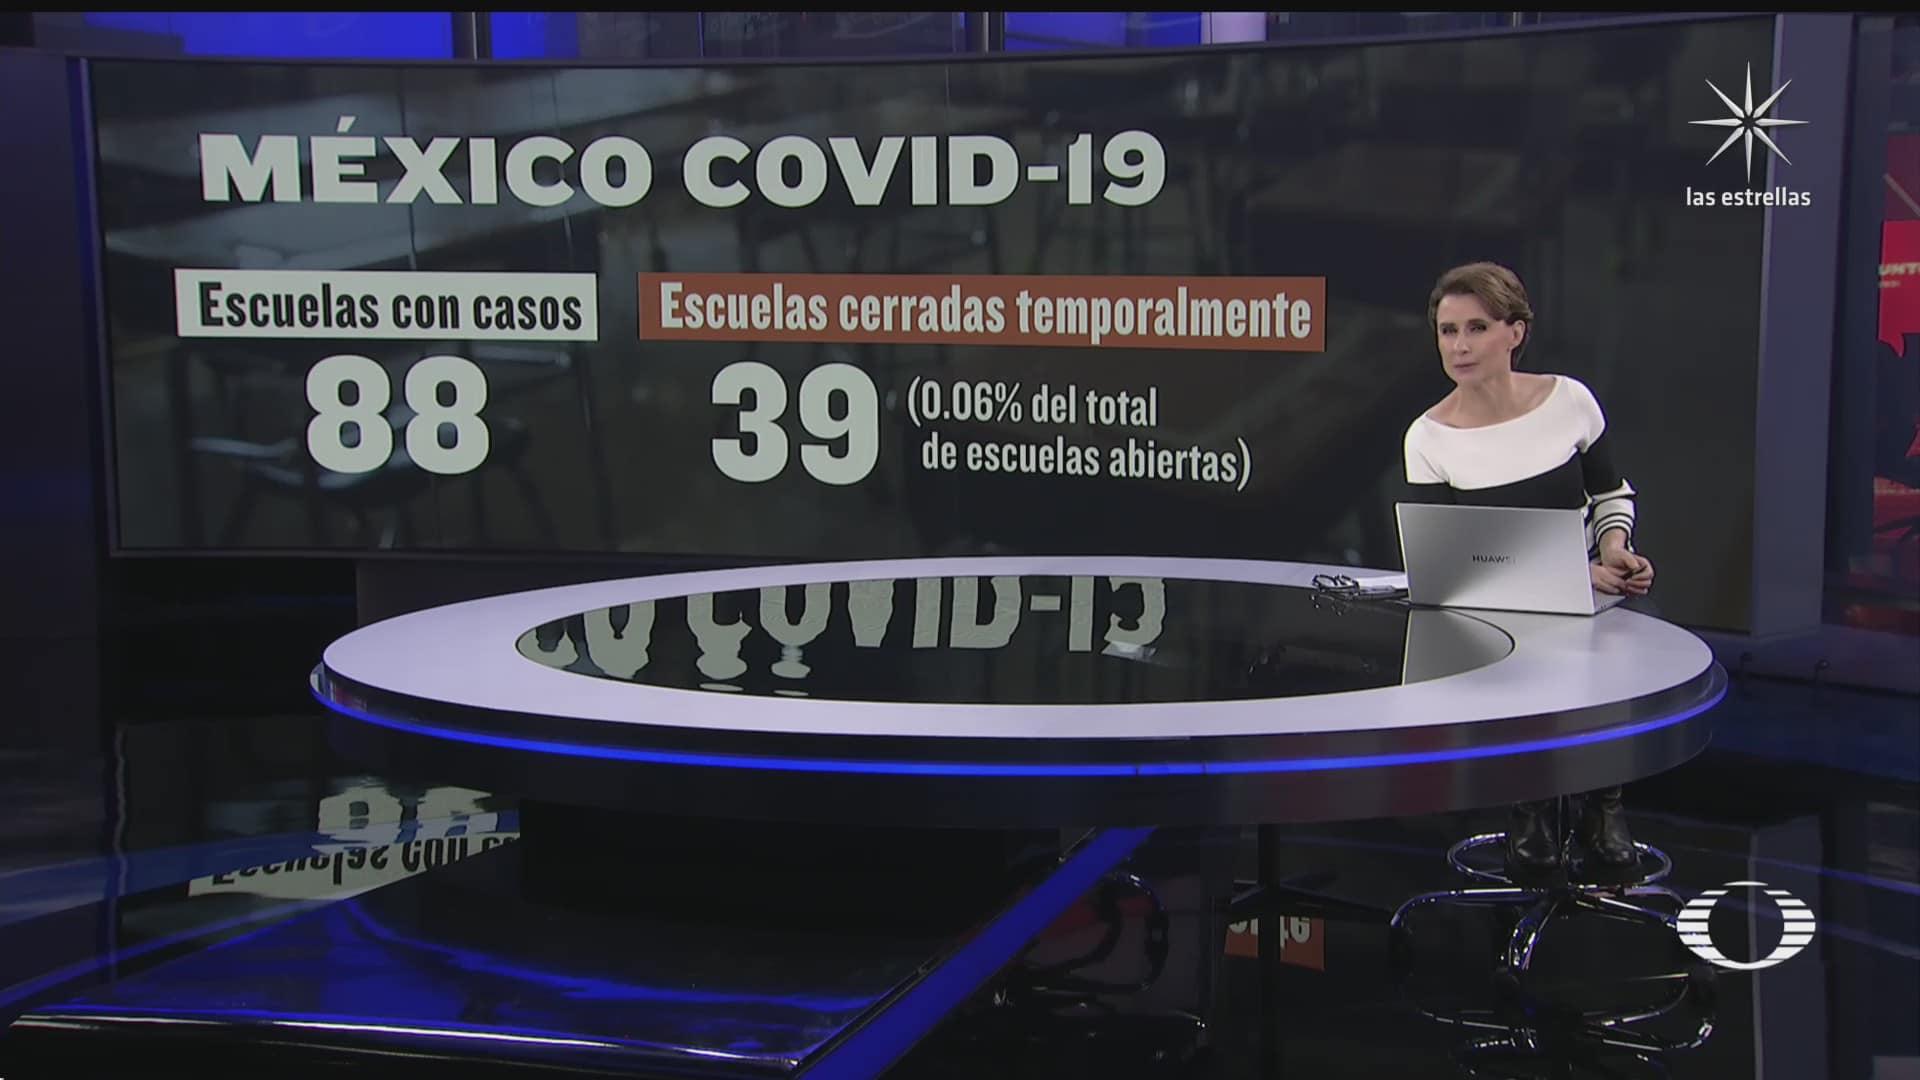 se presentan casos de covid 19 en 88 escuelas de mexico